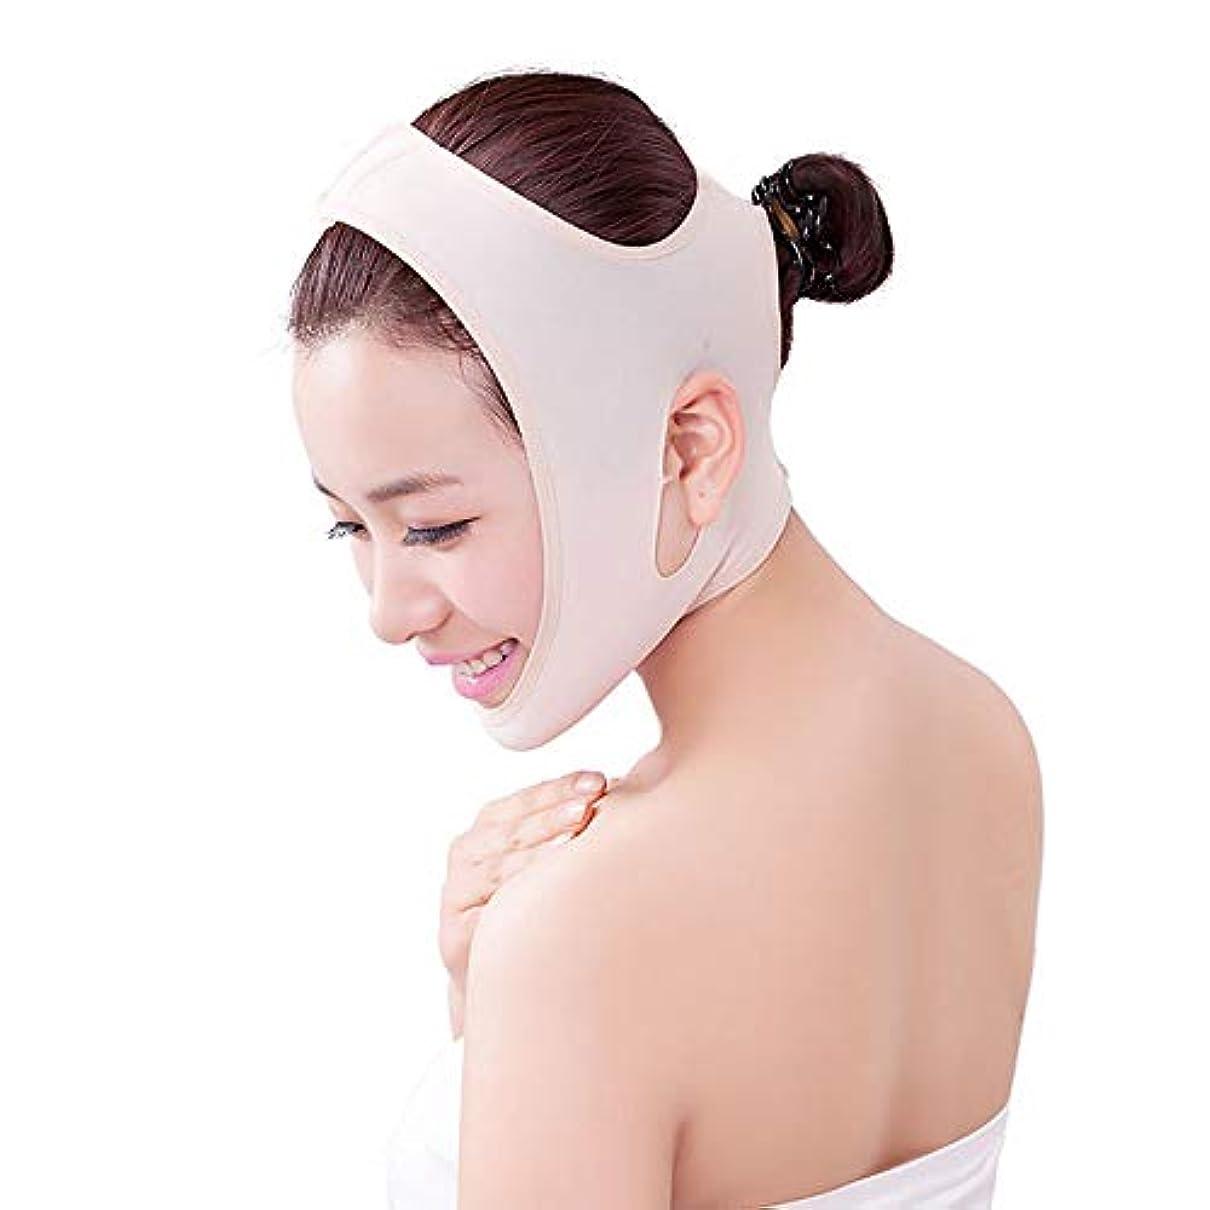 爆弾器官アパルフェイスリフティング包帯、ダブルチンリフト、法律、男性用および女性用マスクへの固着、vフェイスマスク,XL